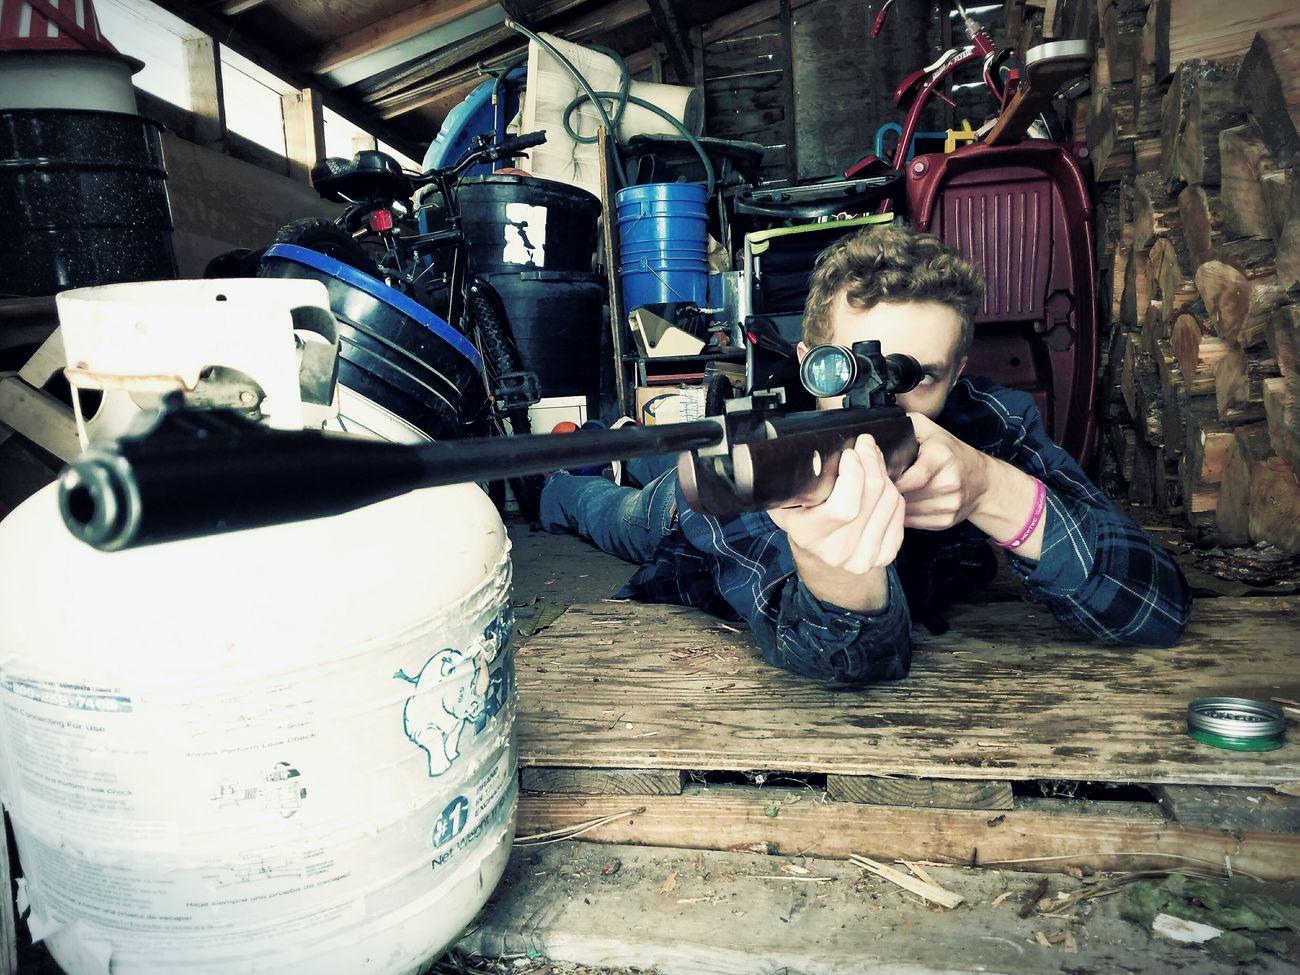 Shooting Guns Target Practice My Nephew ❤ Growing Up Too Fast  Snipershot Bb Gun